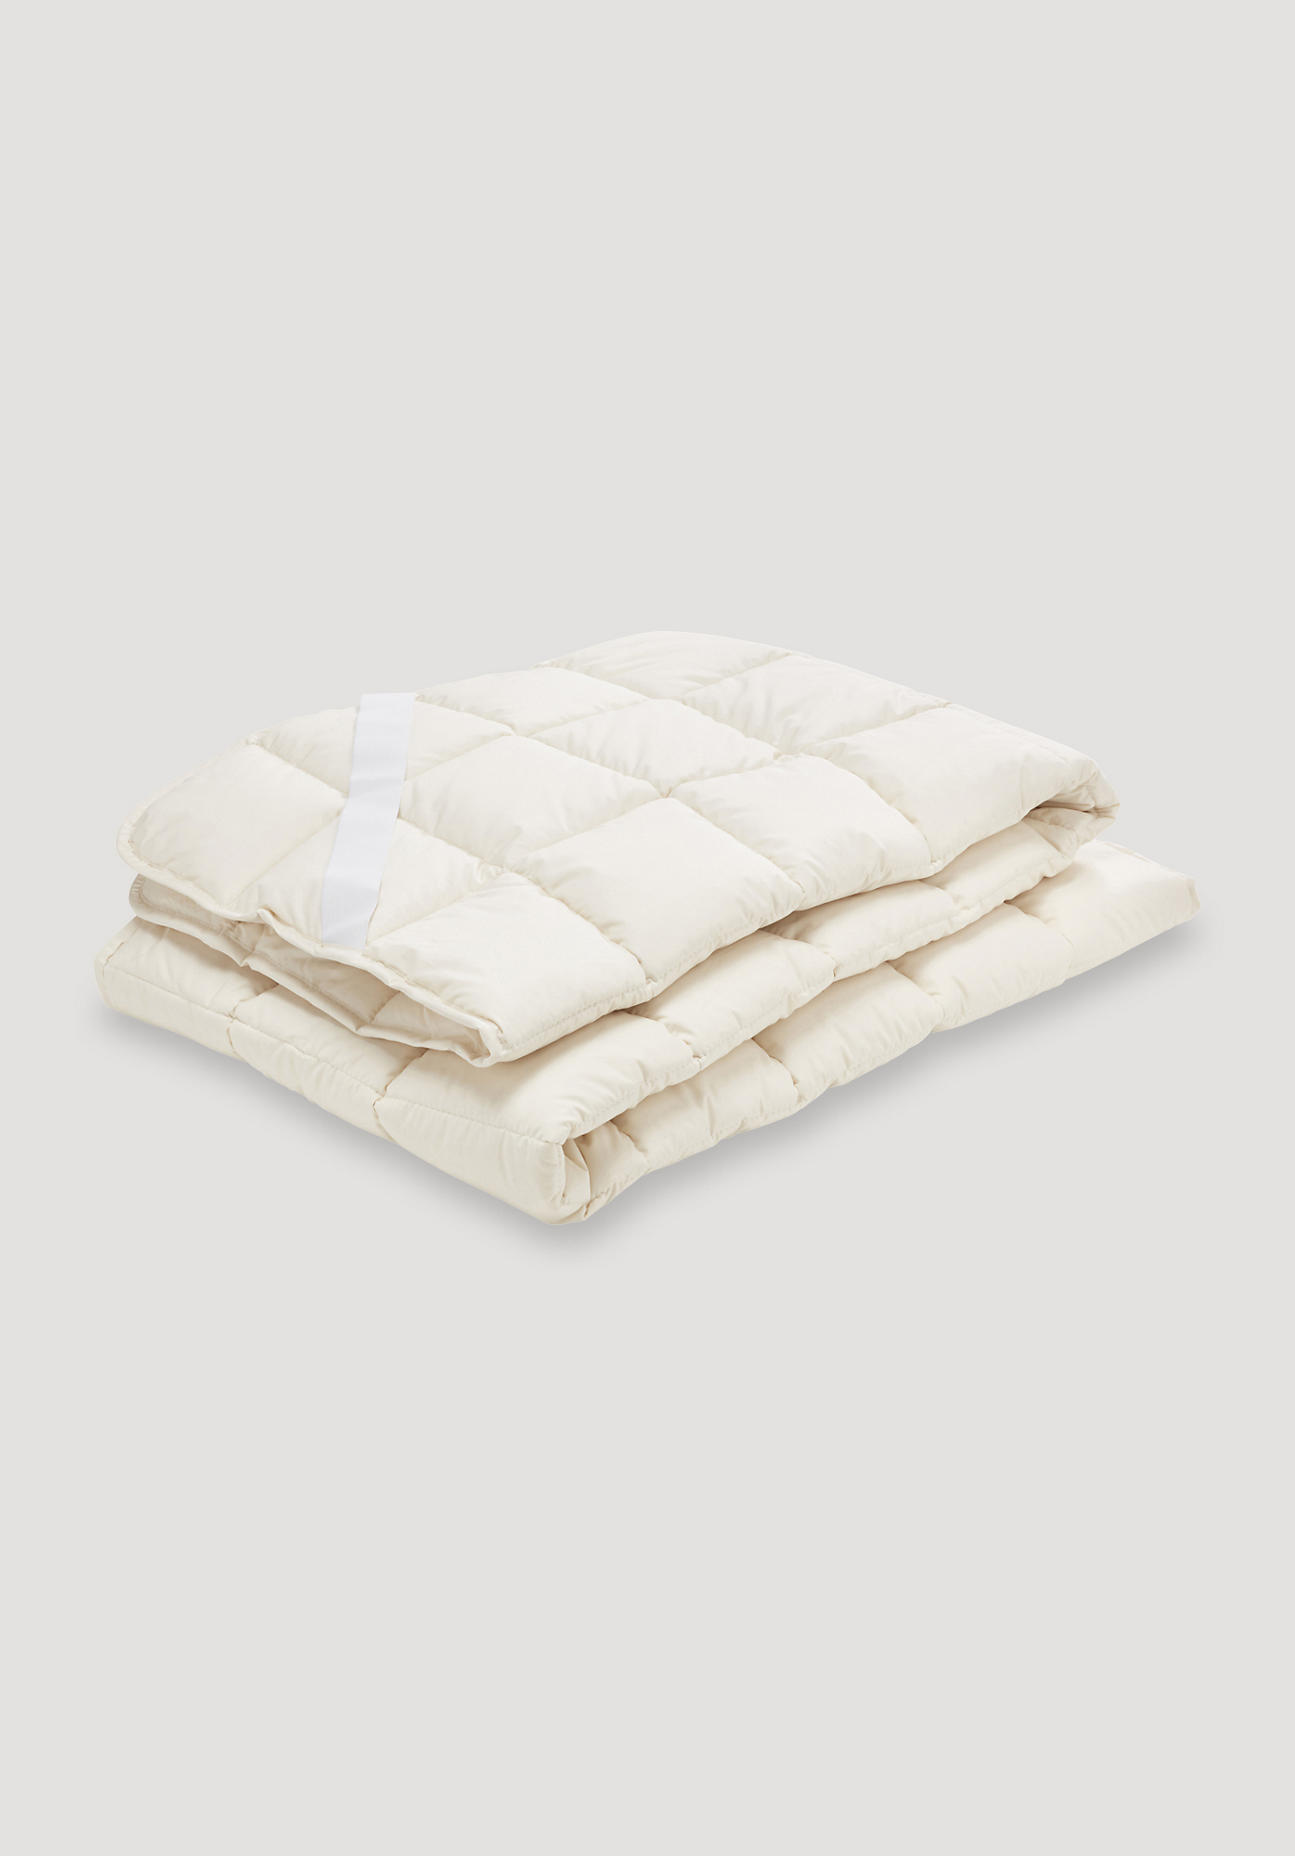 hessnatur Komfort-Unterbett mit Bio-Baumwolle – naturfarben – Größe 180x200 günstig online kaufen